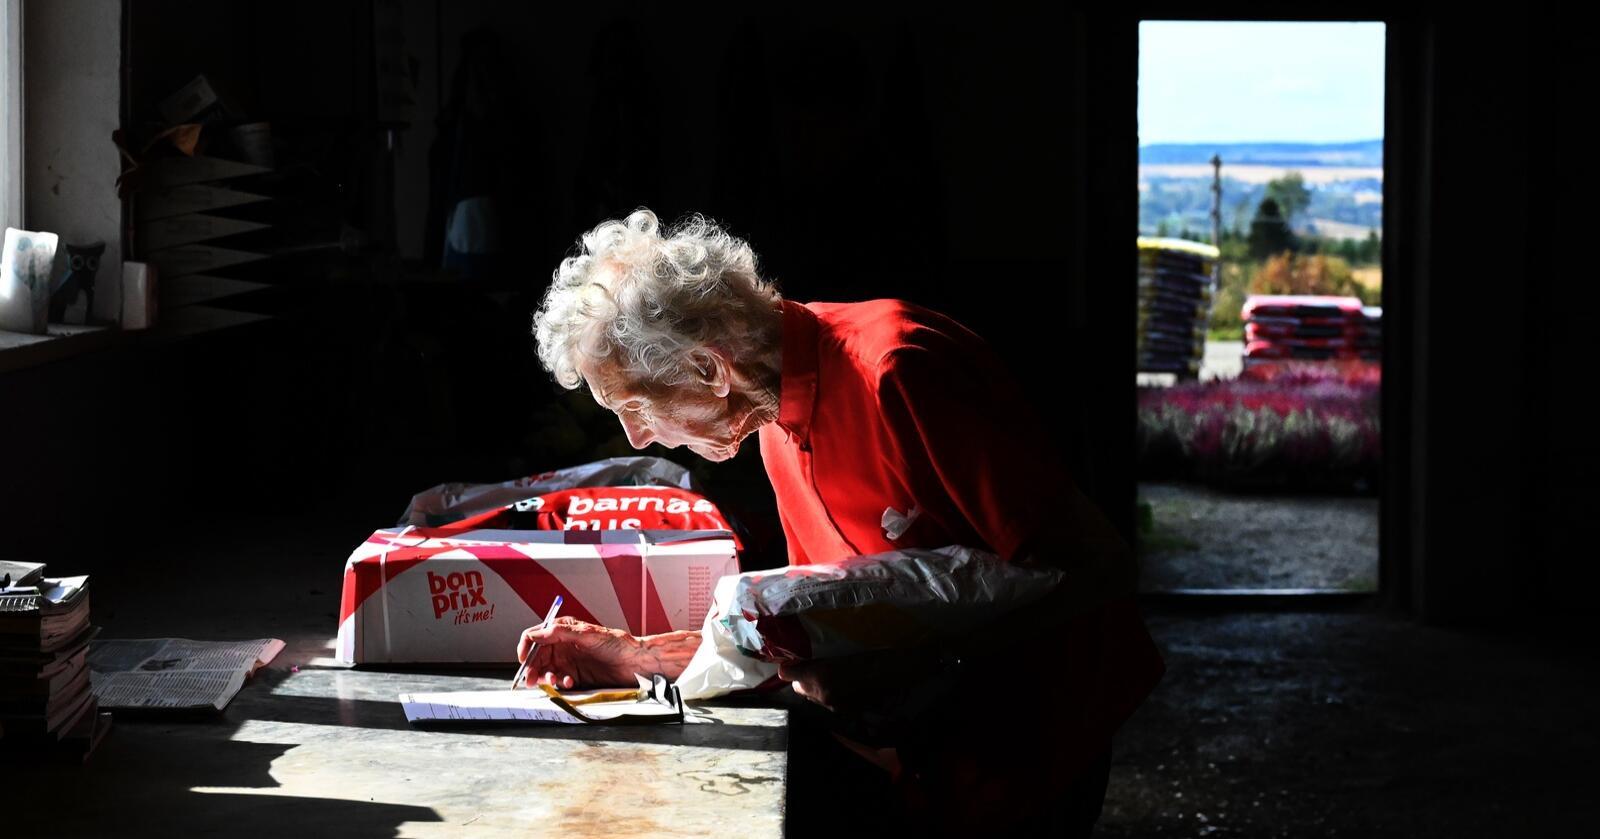 Bergljot Syljulien kan ikke tenke seg å slutte å jobbe. Da havner hun på aldershjem, tror hun. Foto: Siri Juell Rasmussen